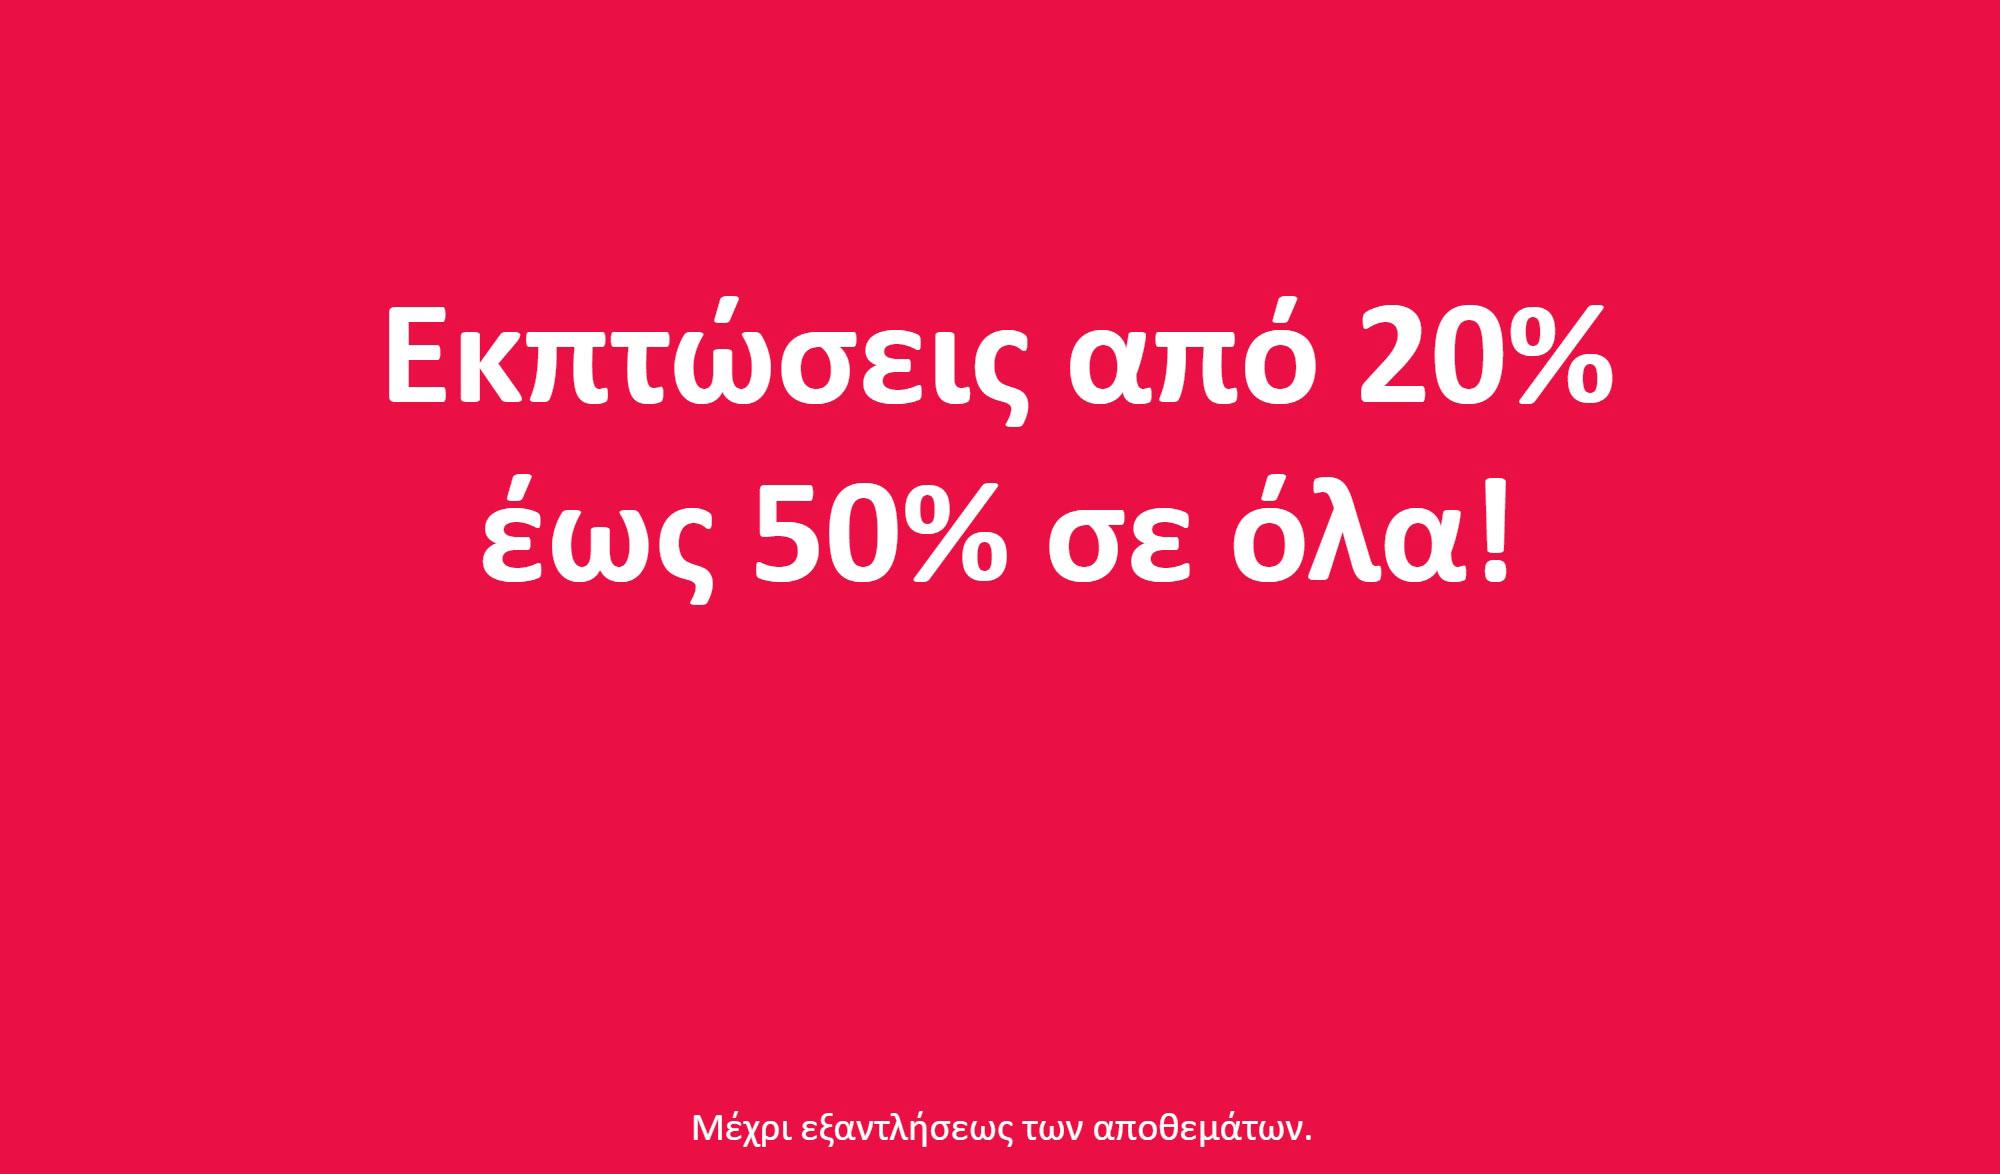 Εκπτώσεις απο 20% εως 50%